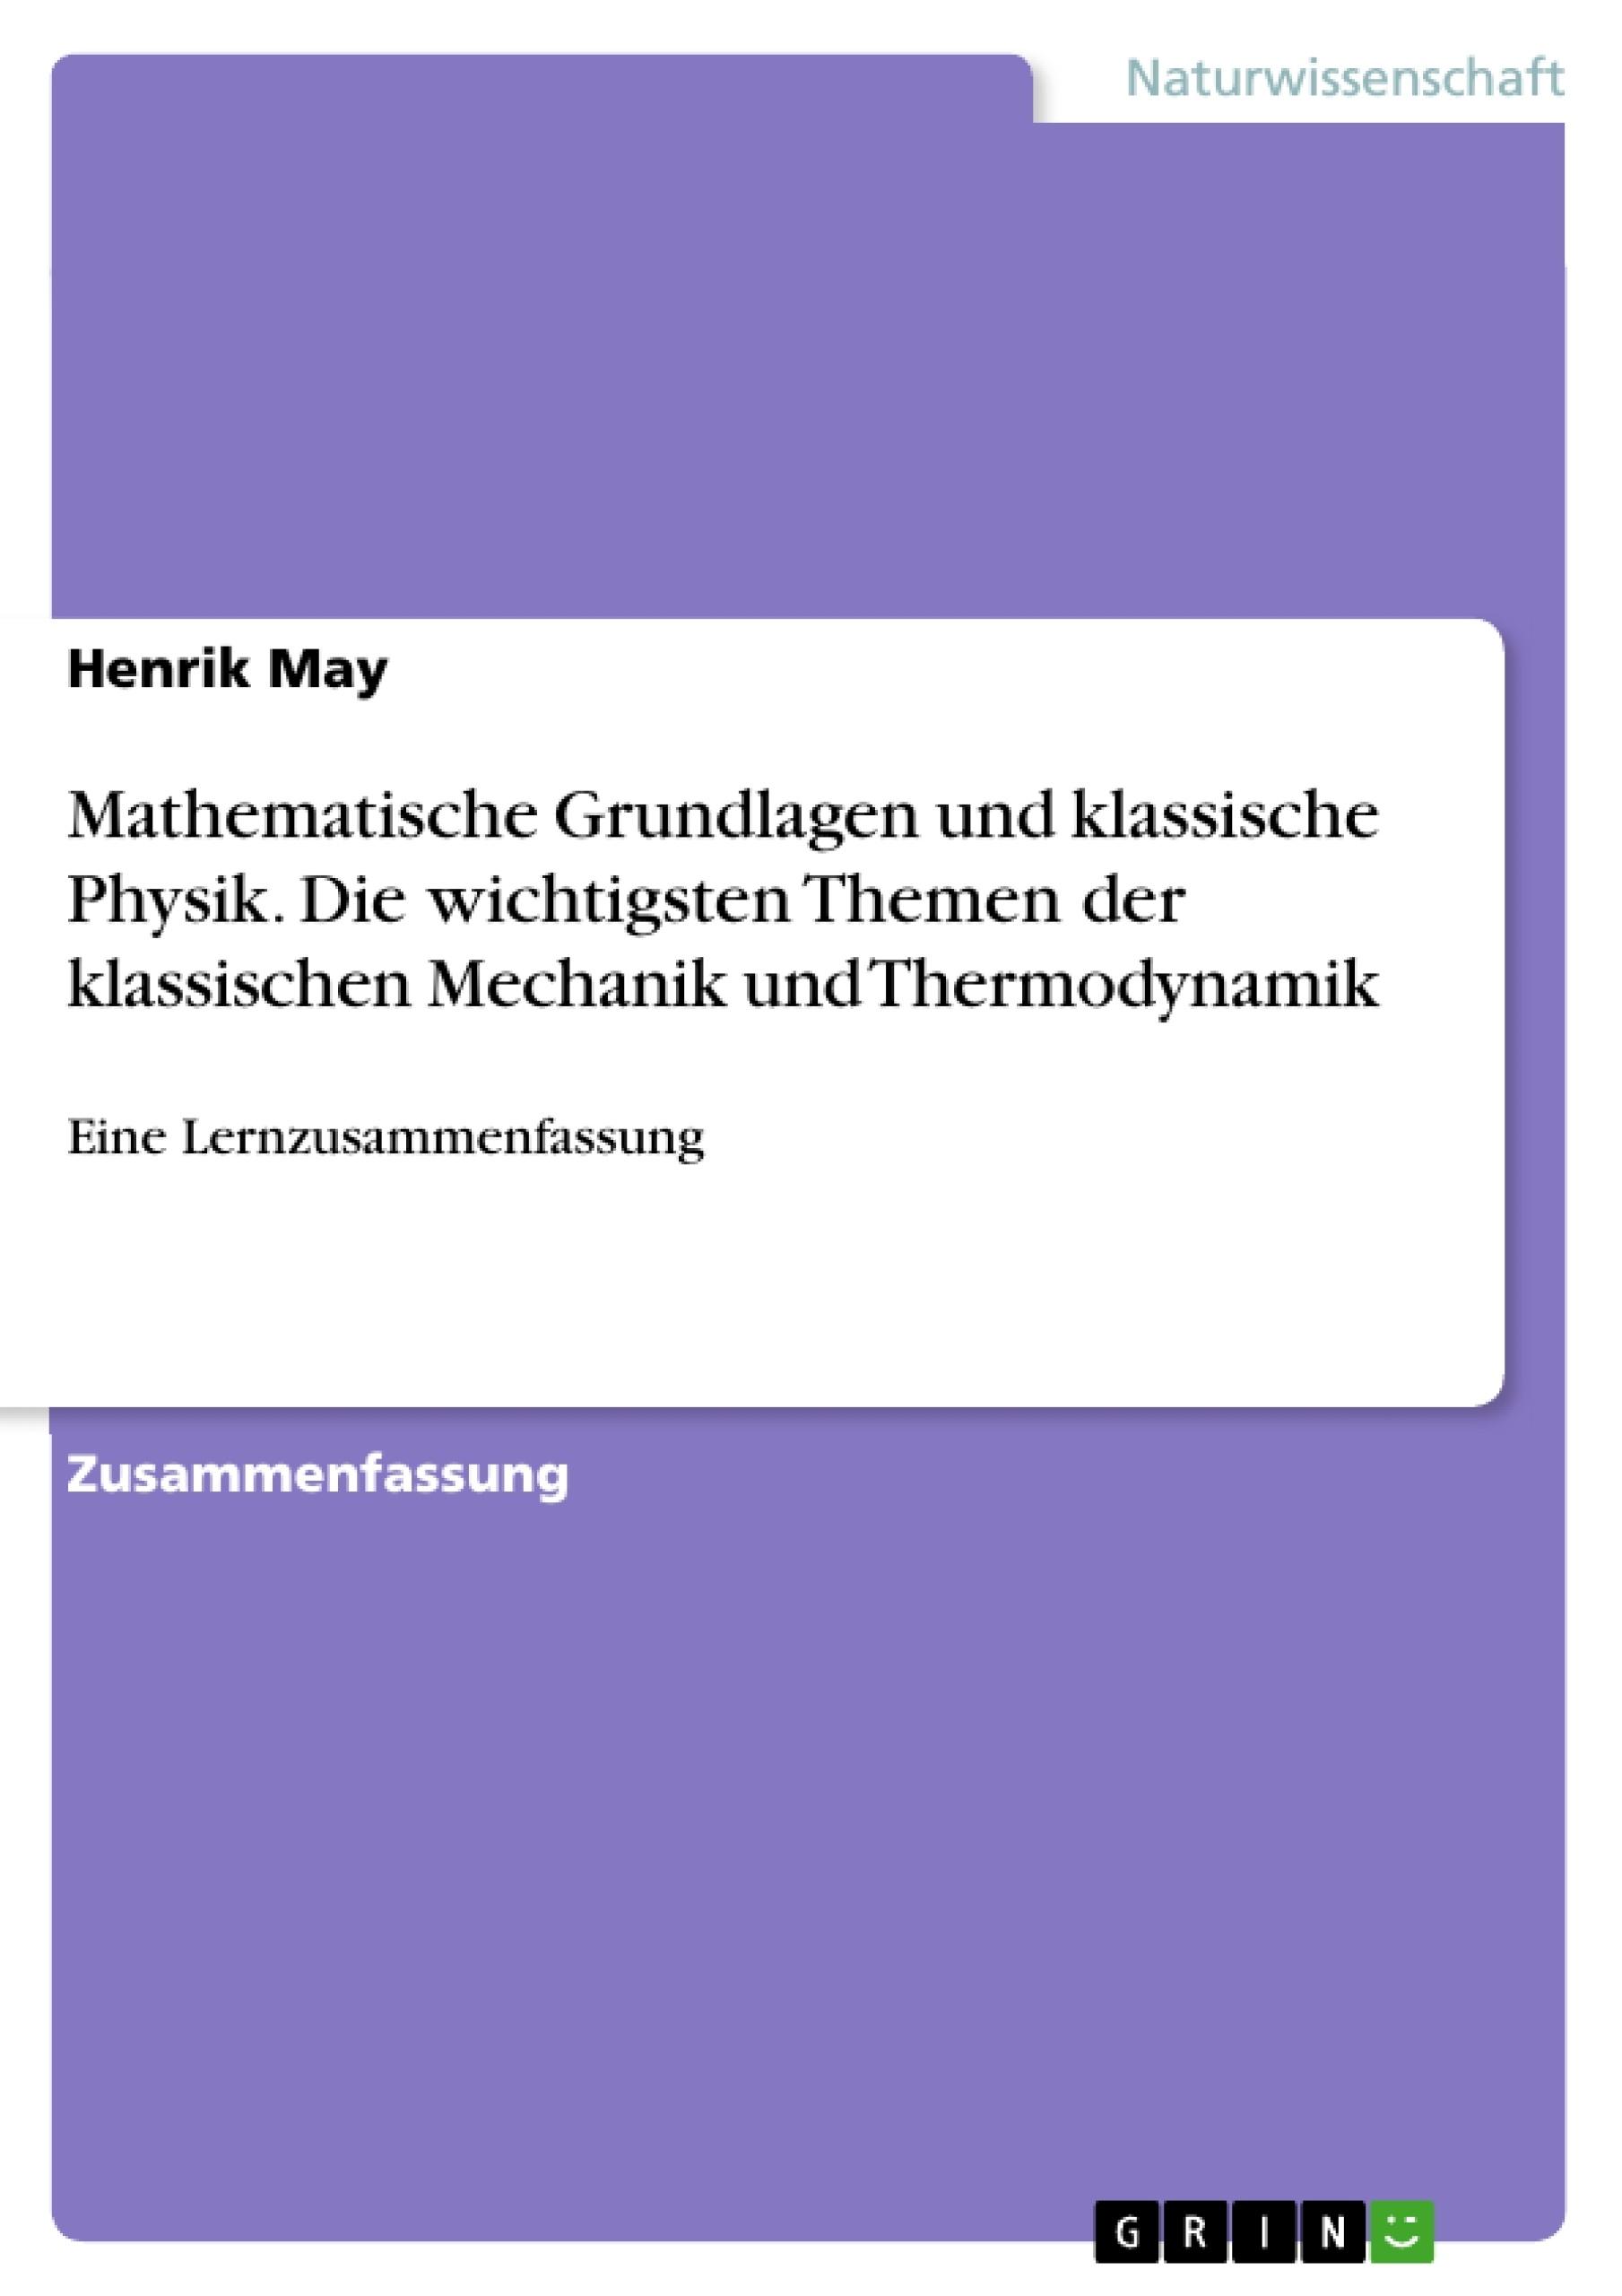 Titel: Mathematische Grundlagen und klassische Physik. Die wichtigsten Themen der klassischen Mechanik und Thermodynamik